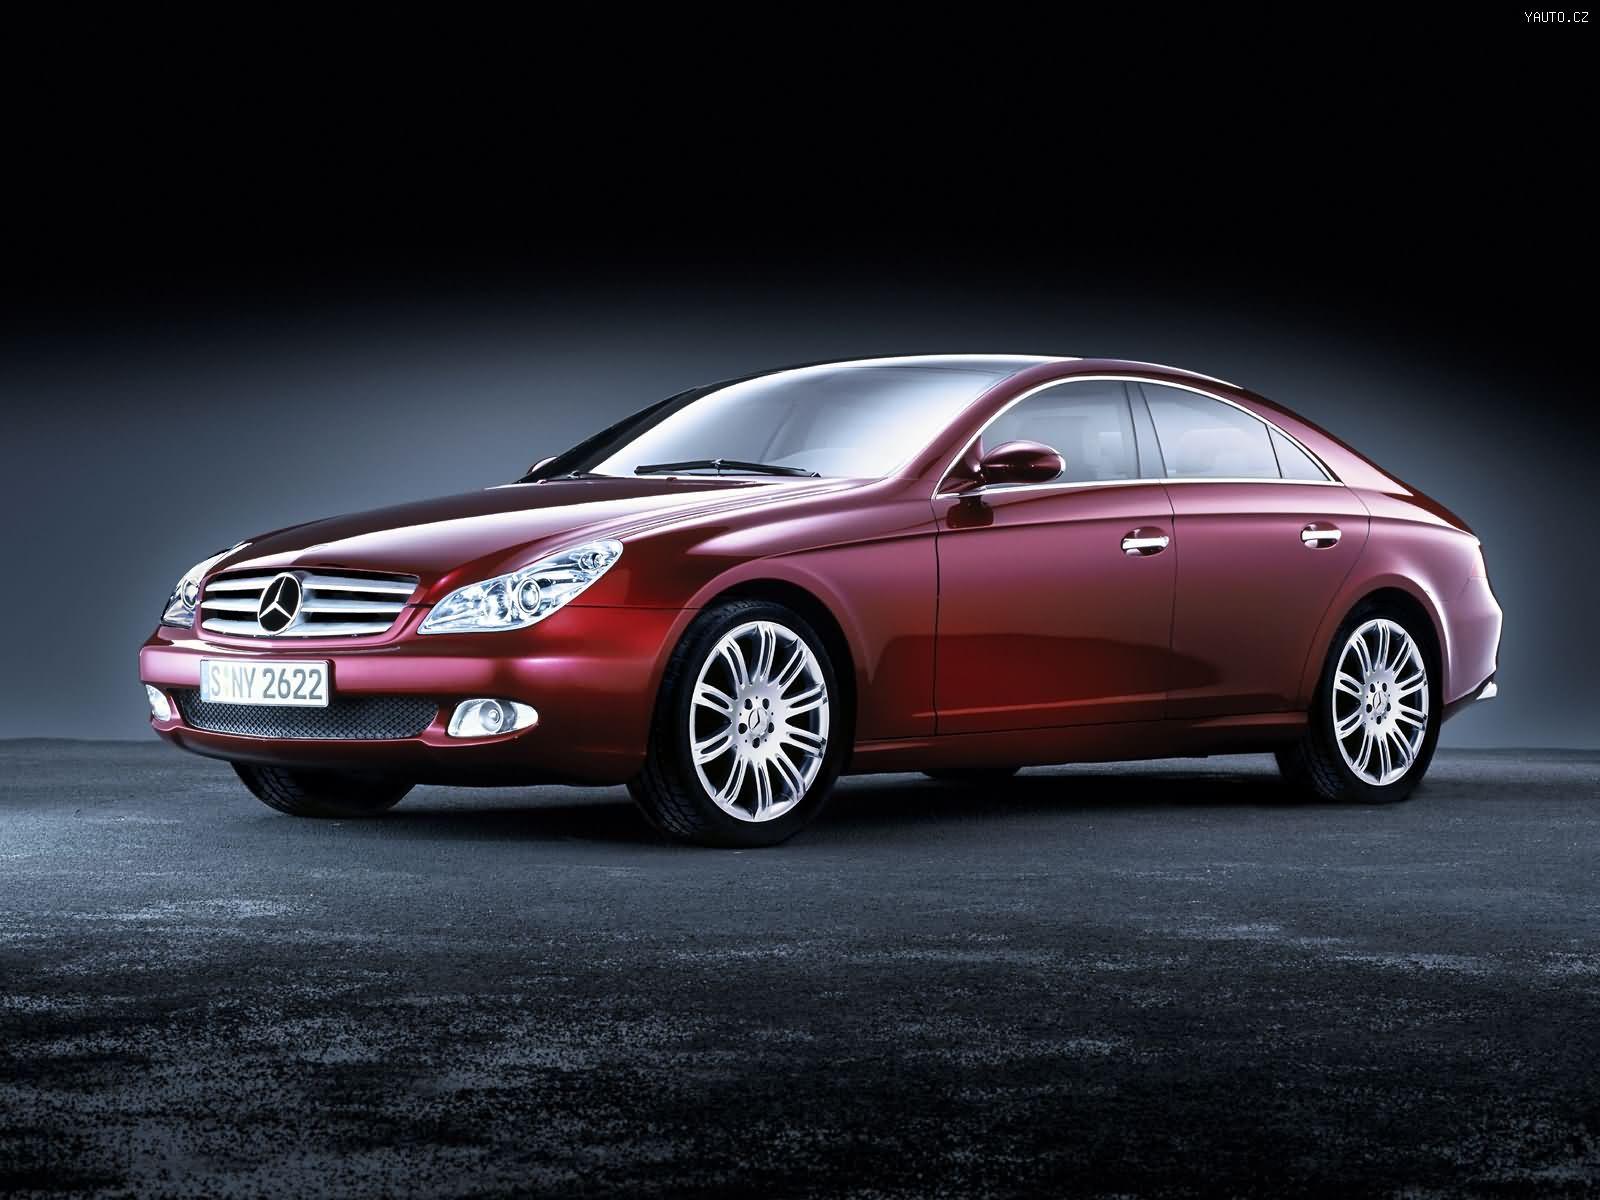 Mercedes Benz Vision Cls Concept 2003 Auta Na Plochu